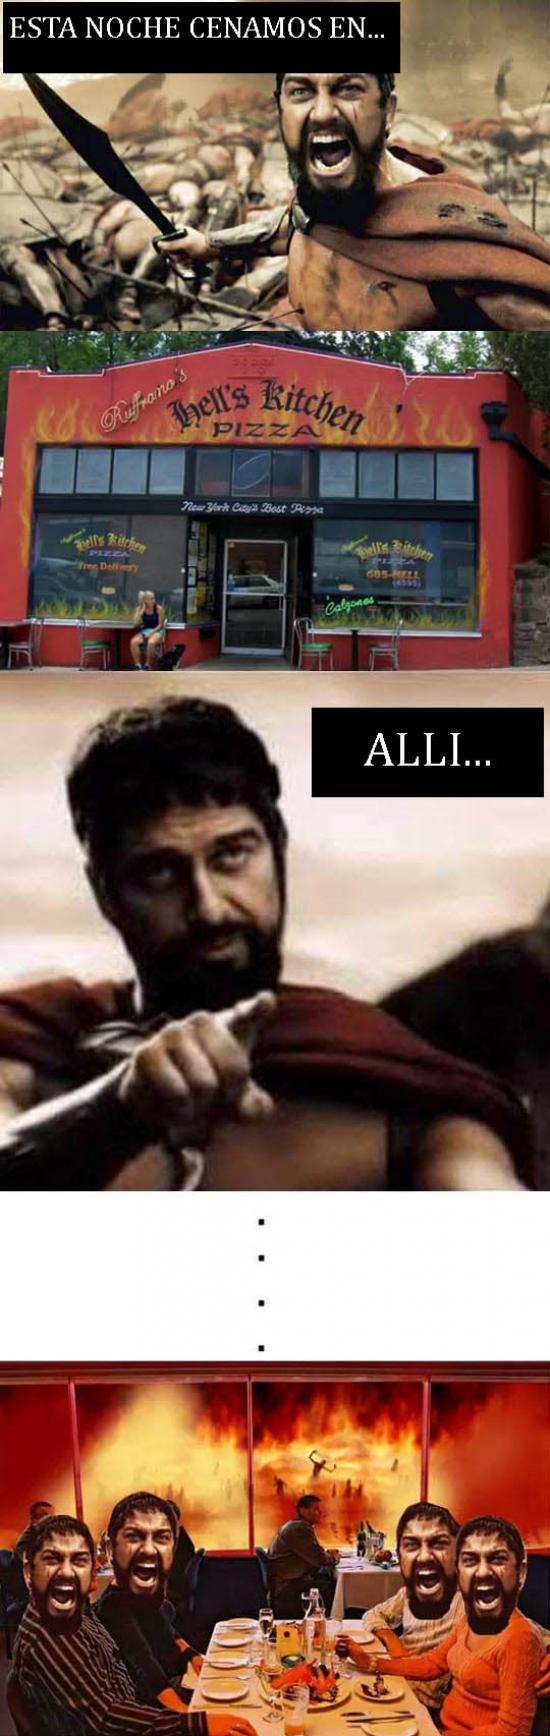 Otros - La pizzería de Leónidas